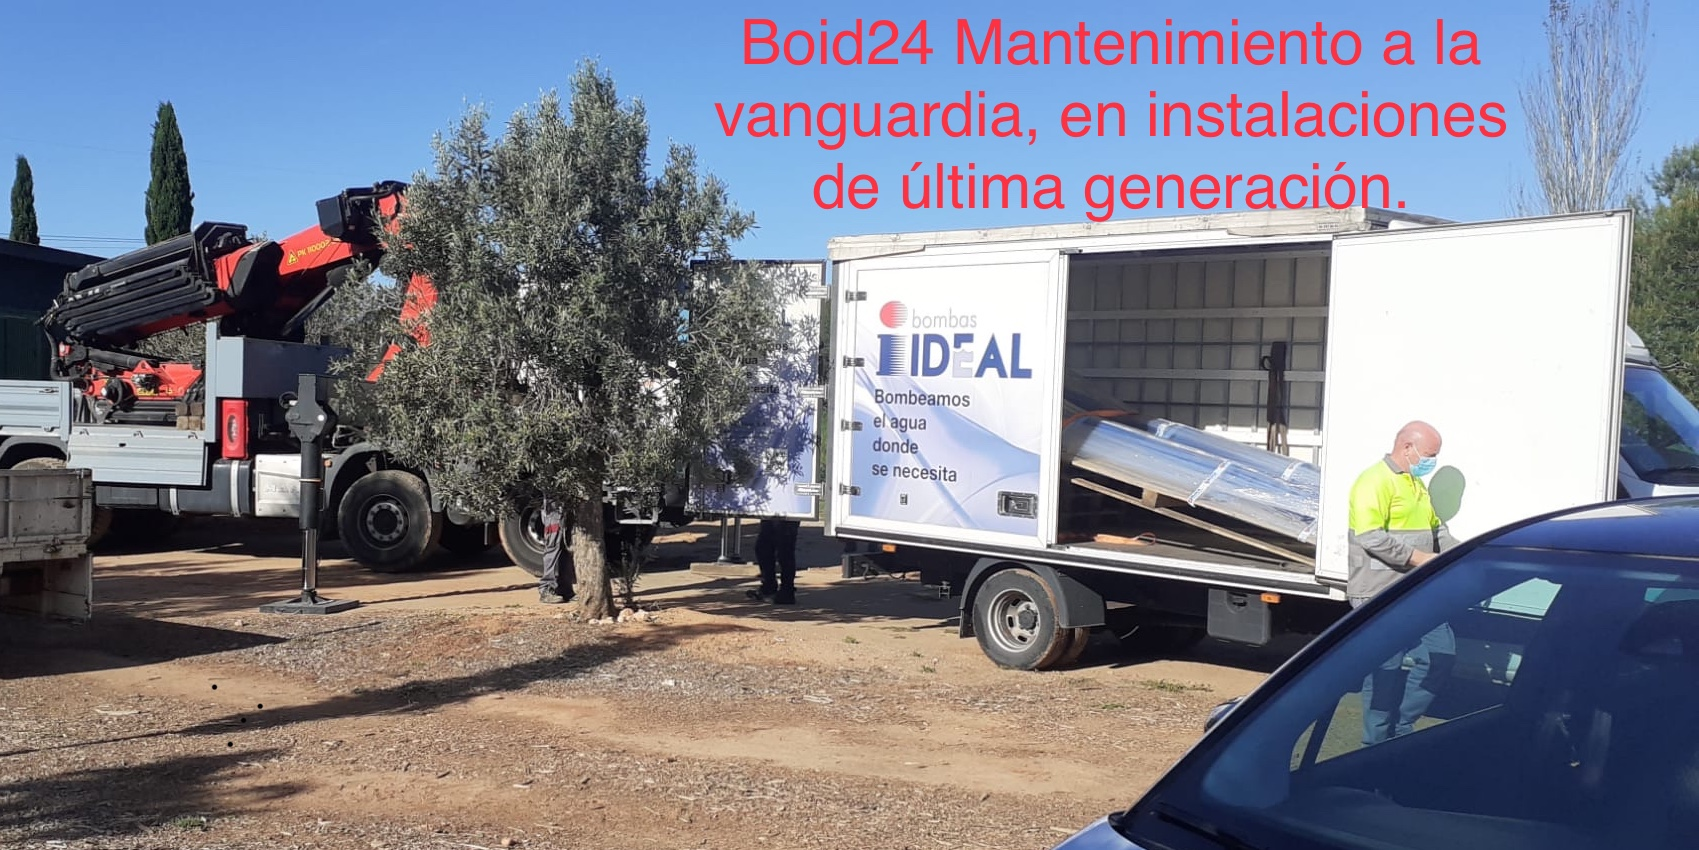 boid 24 mantenimiento de edificios